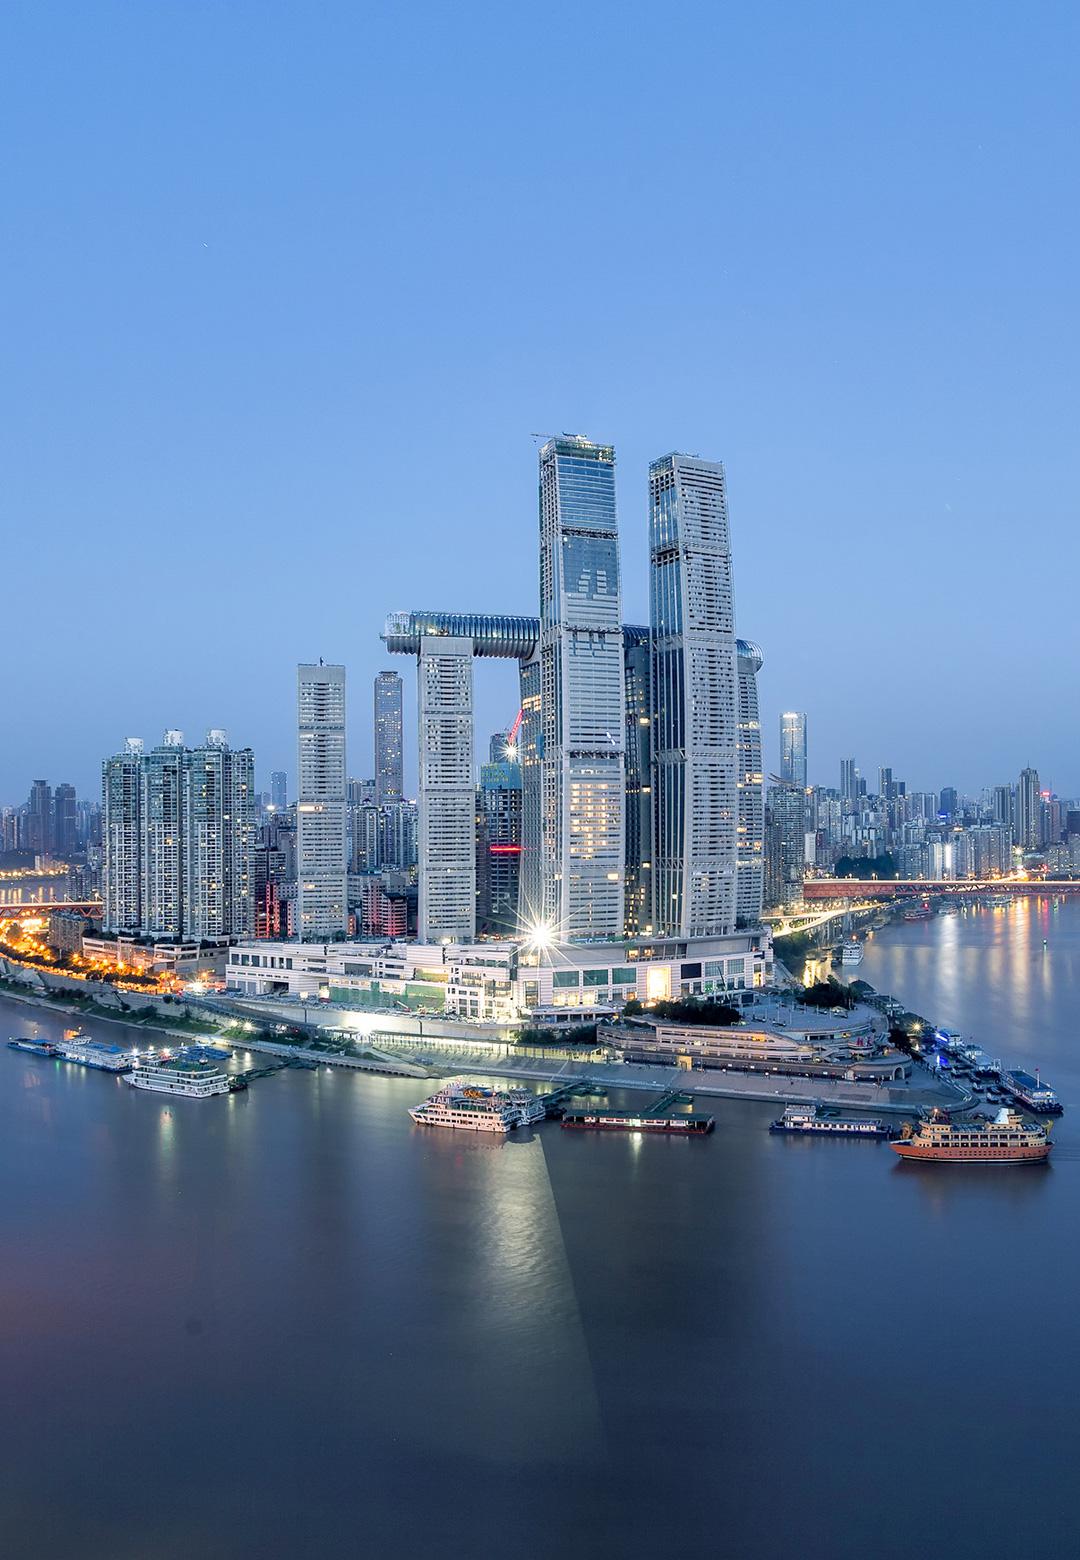 Raffles City Chongqing, China | Safdie Architects | Moshe Safdie | STIRworld